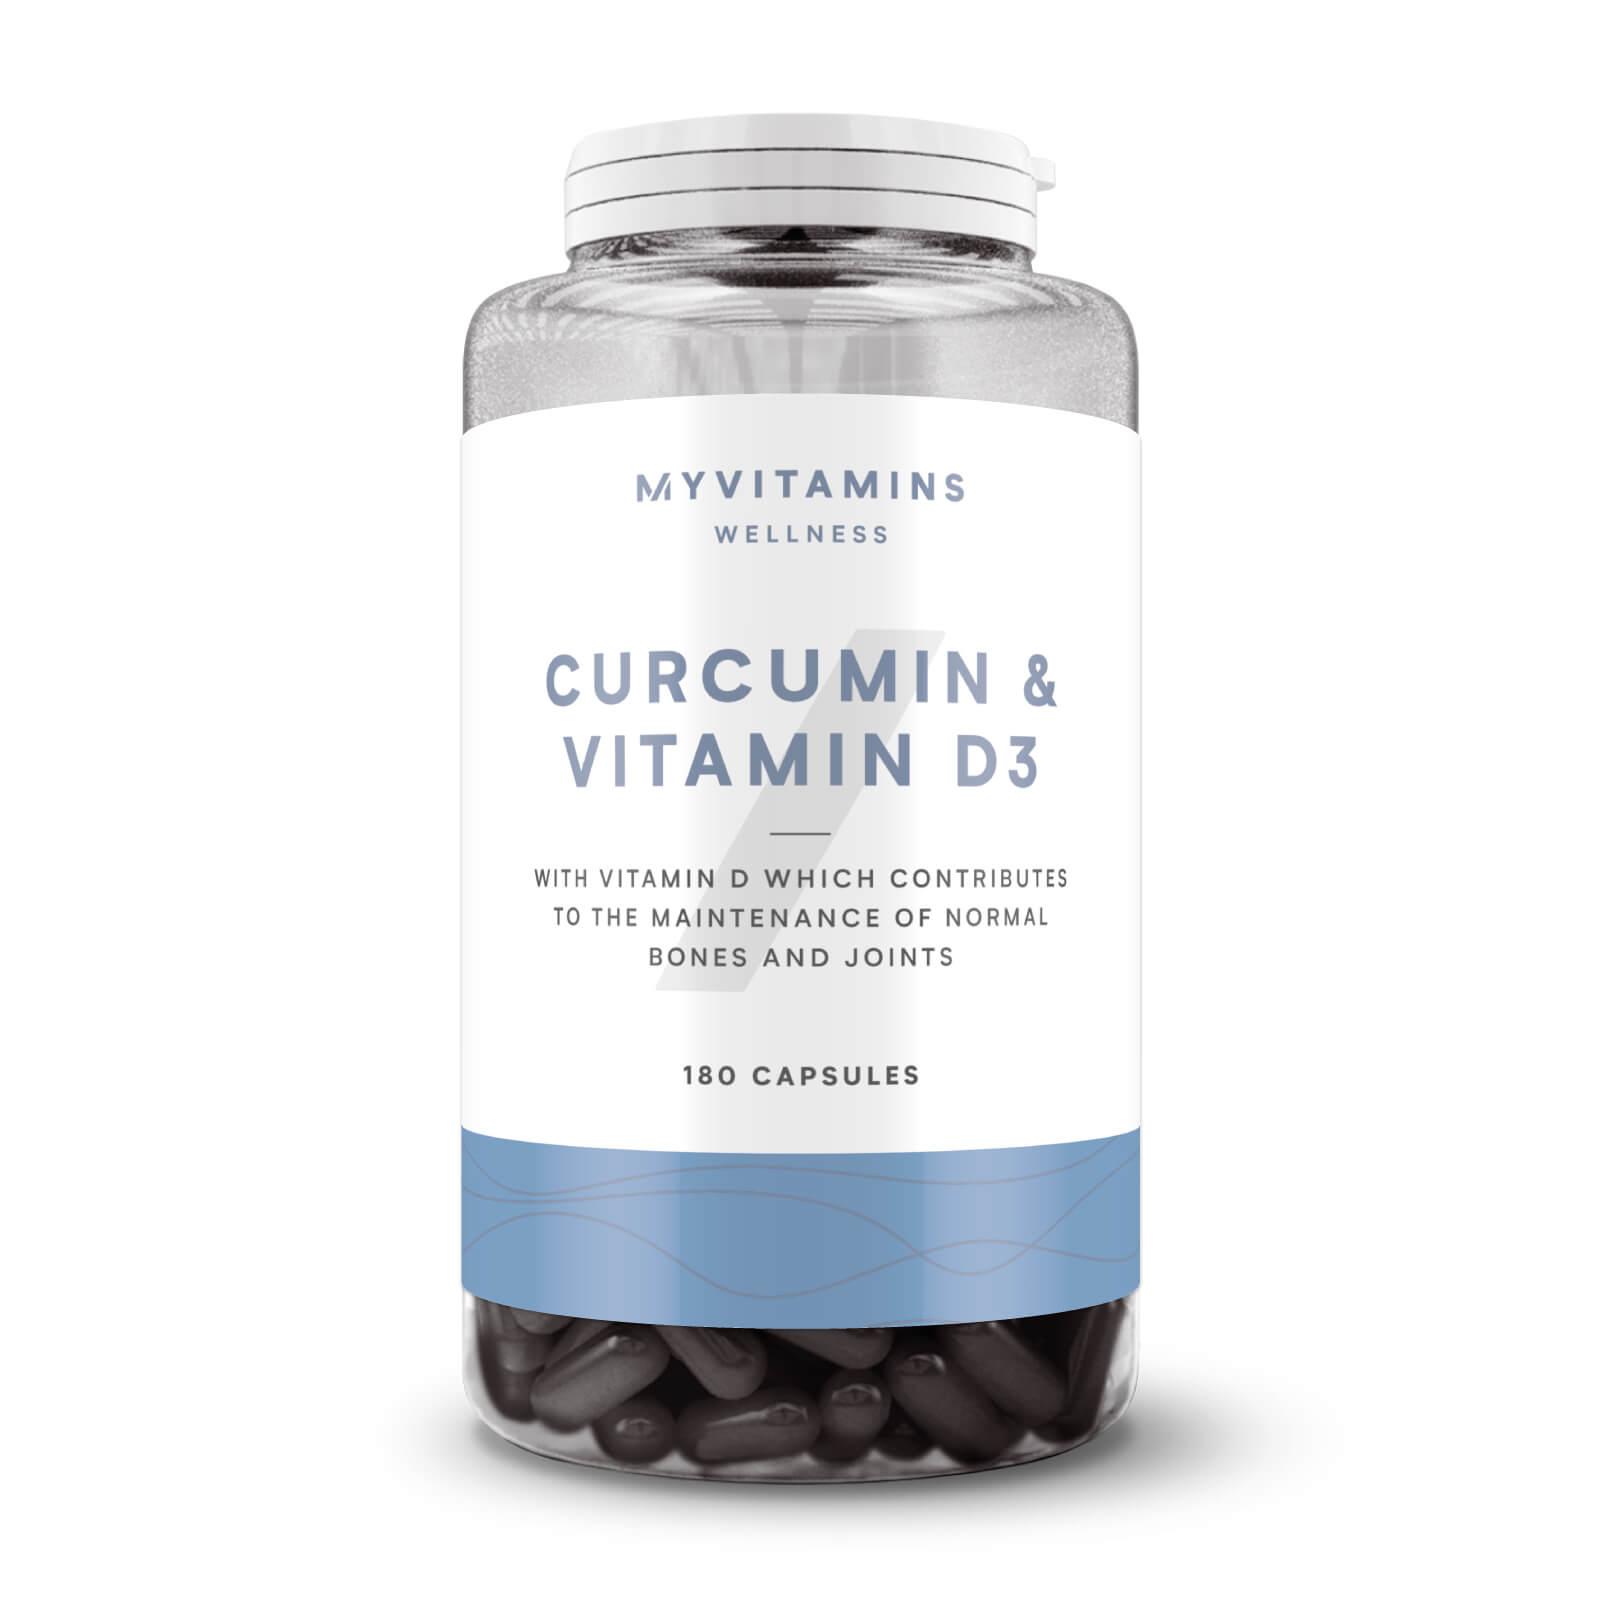 Myvitamins Curcumin & Vitamin D Capsules - 60Capsules